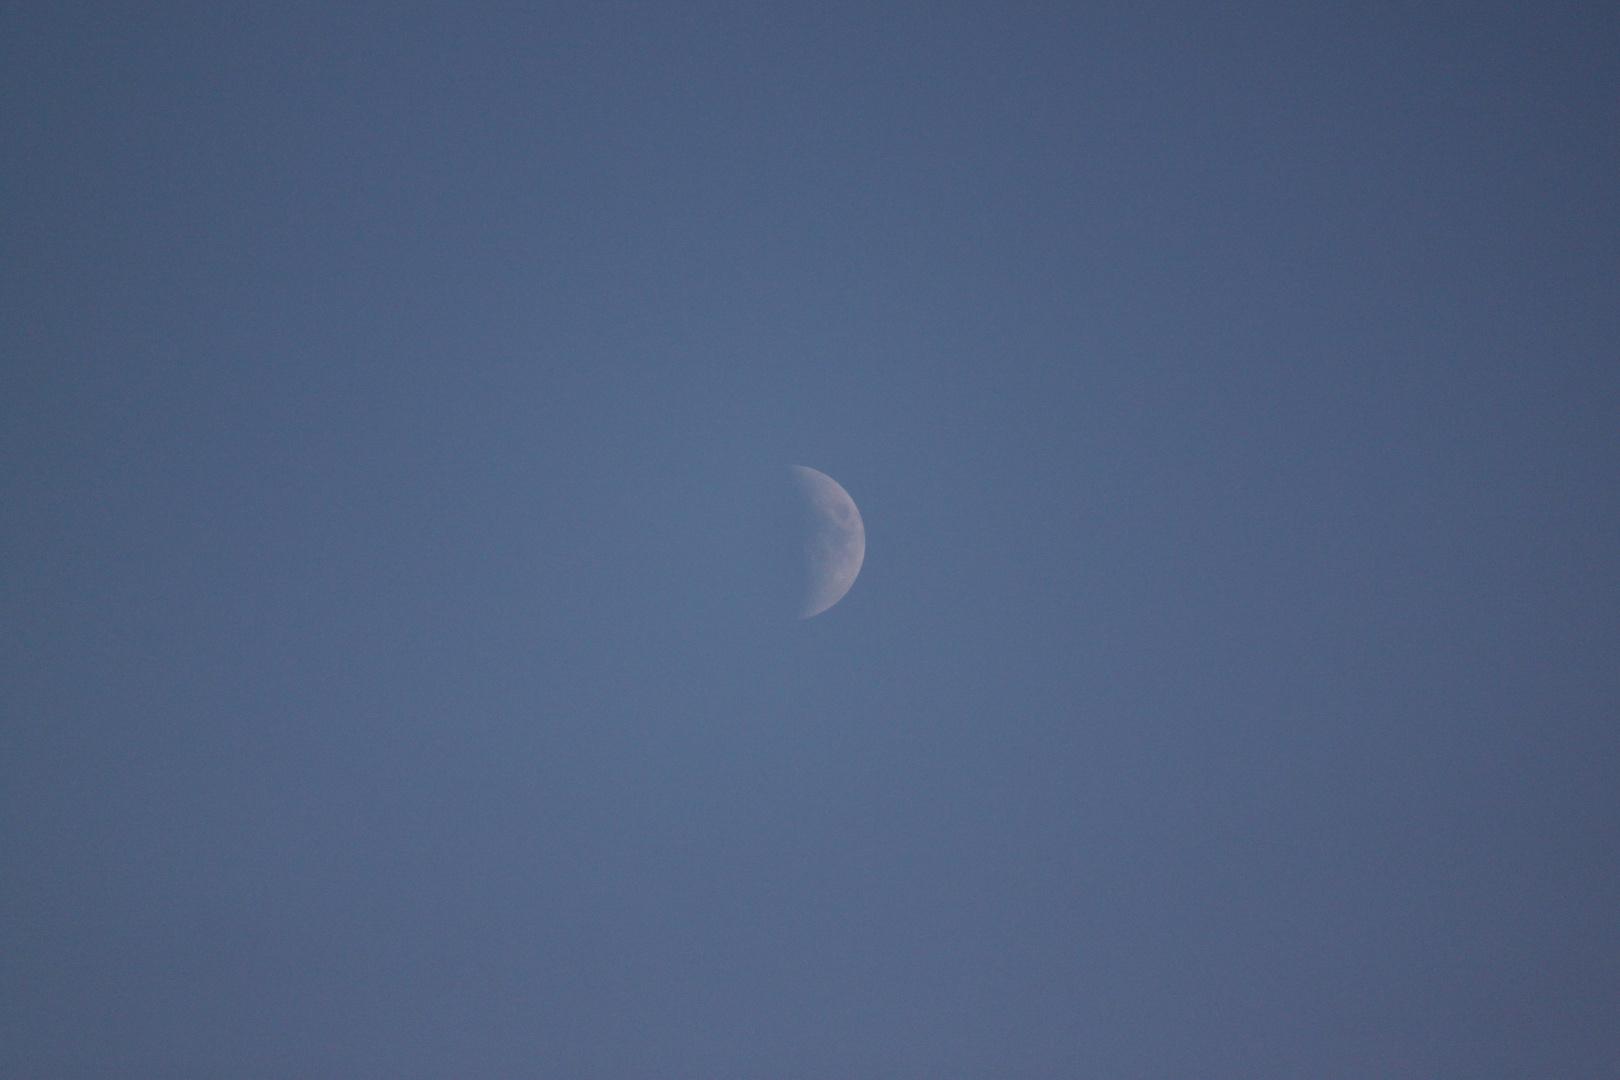 -Mond-